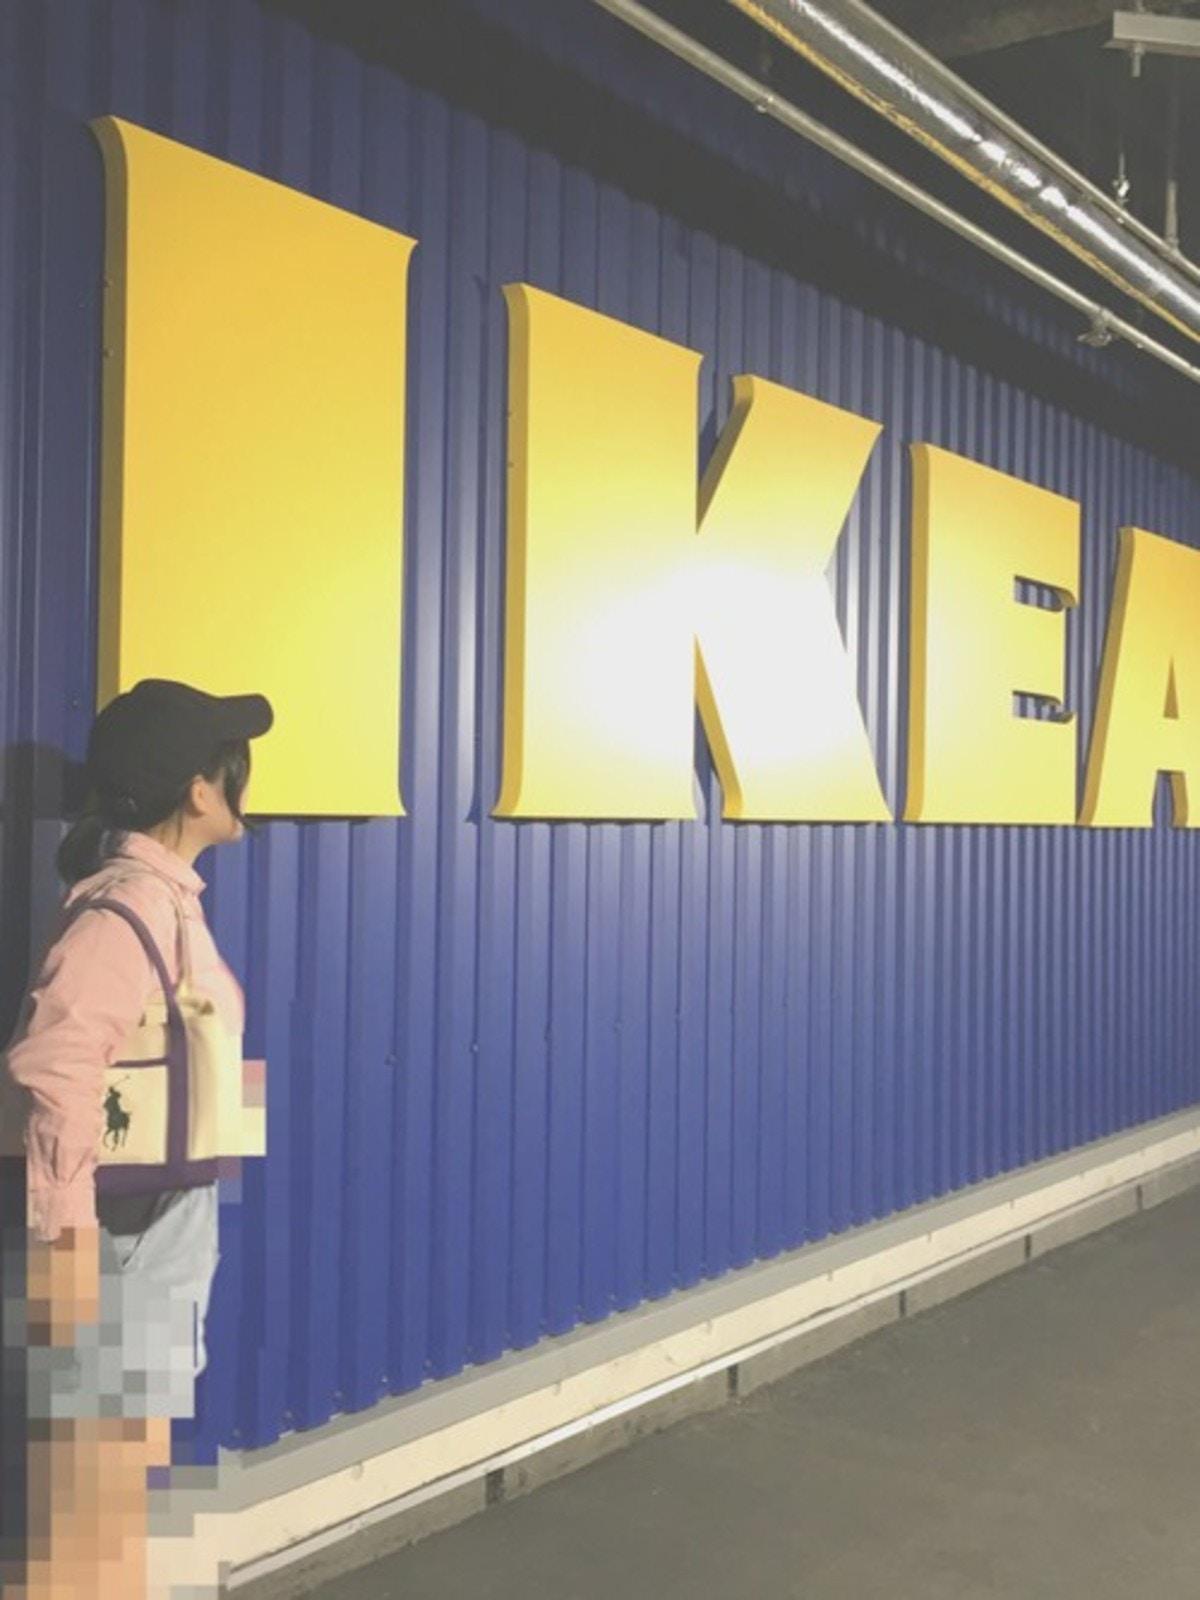 c1c3cd94e1 IKEAのスチールラック「MULIG」が万能!その魅力についてたっぷりとご紹介♡ [ママリ]